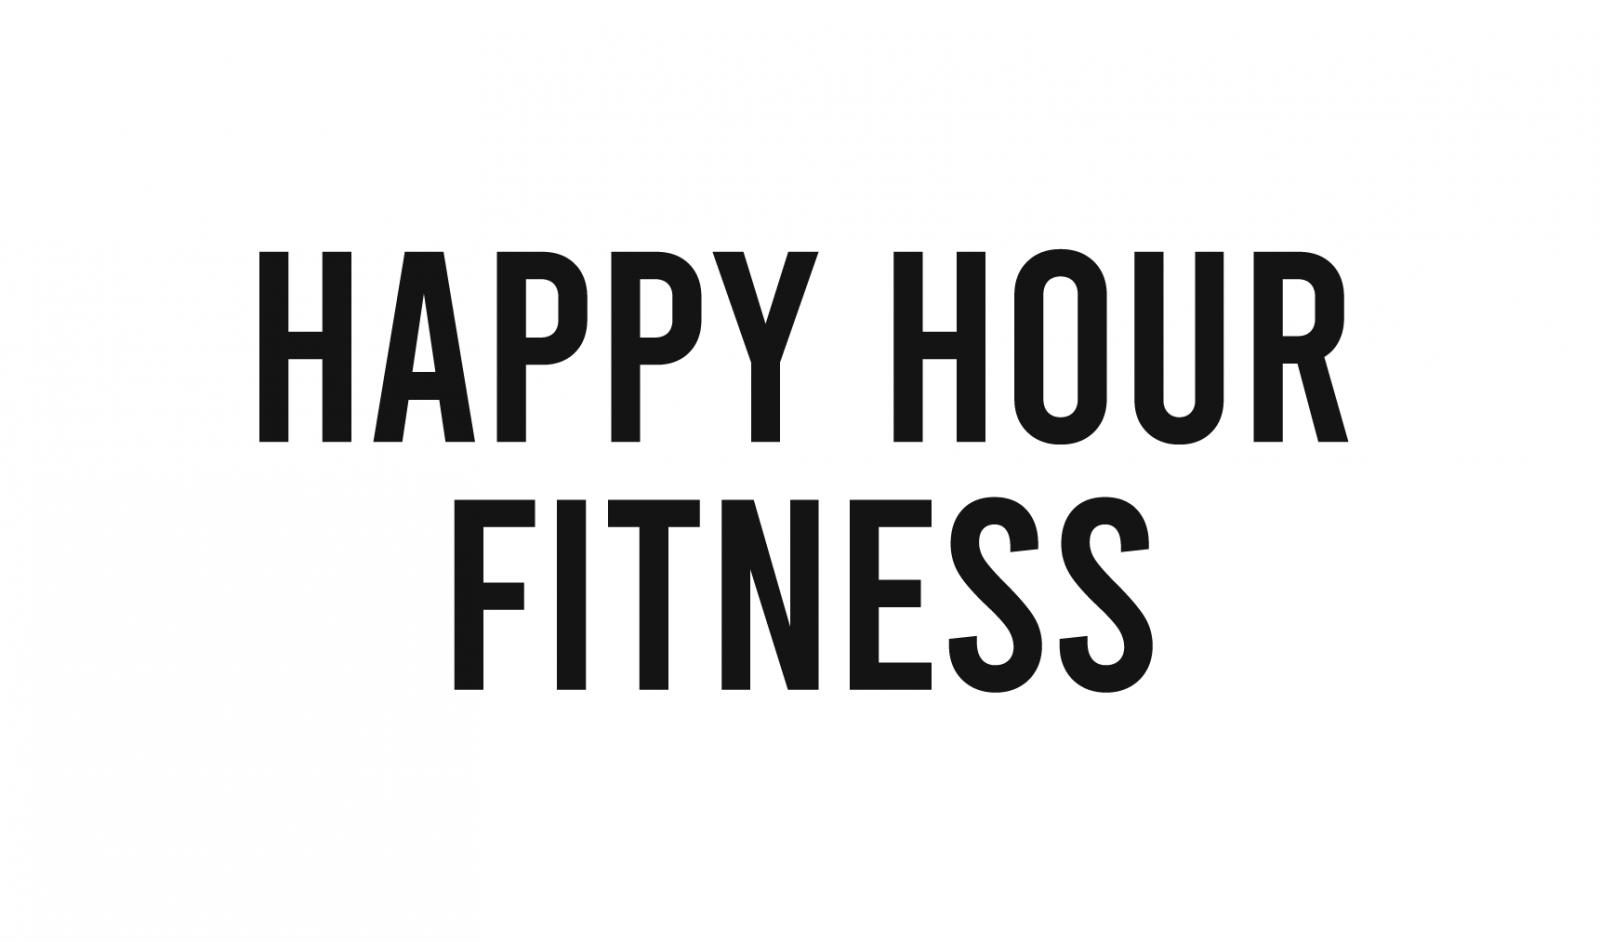 happy hour fitness